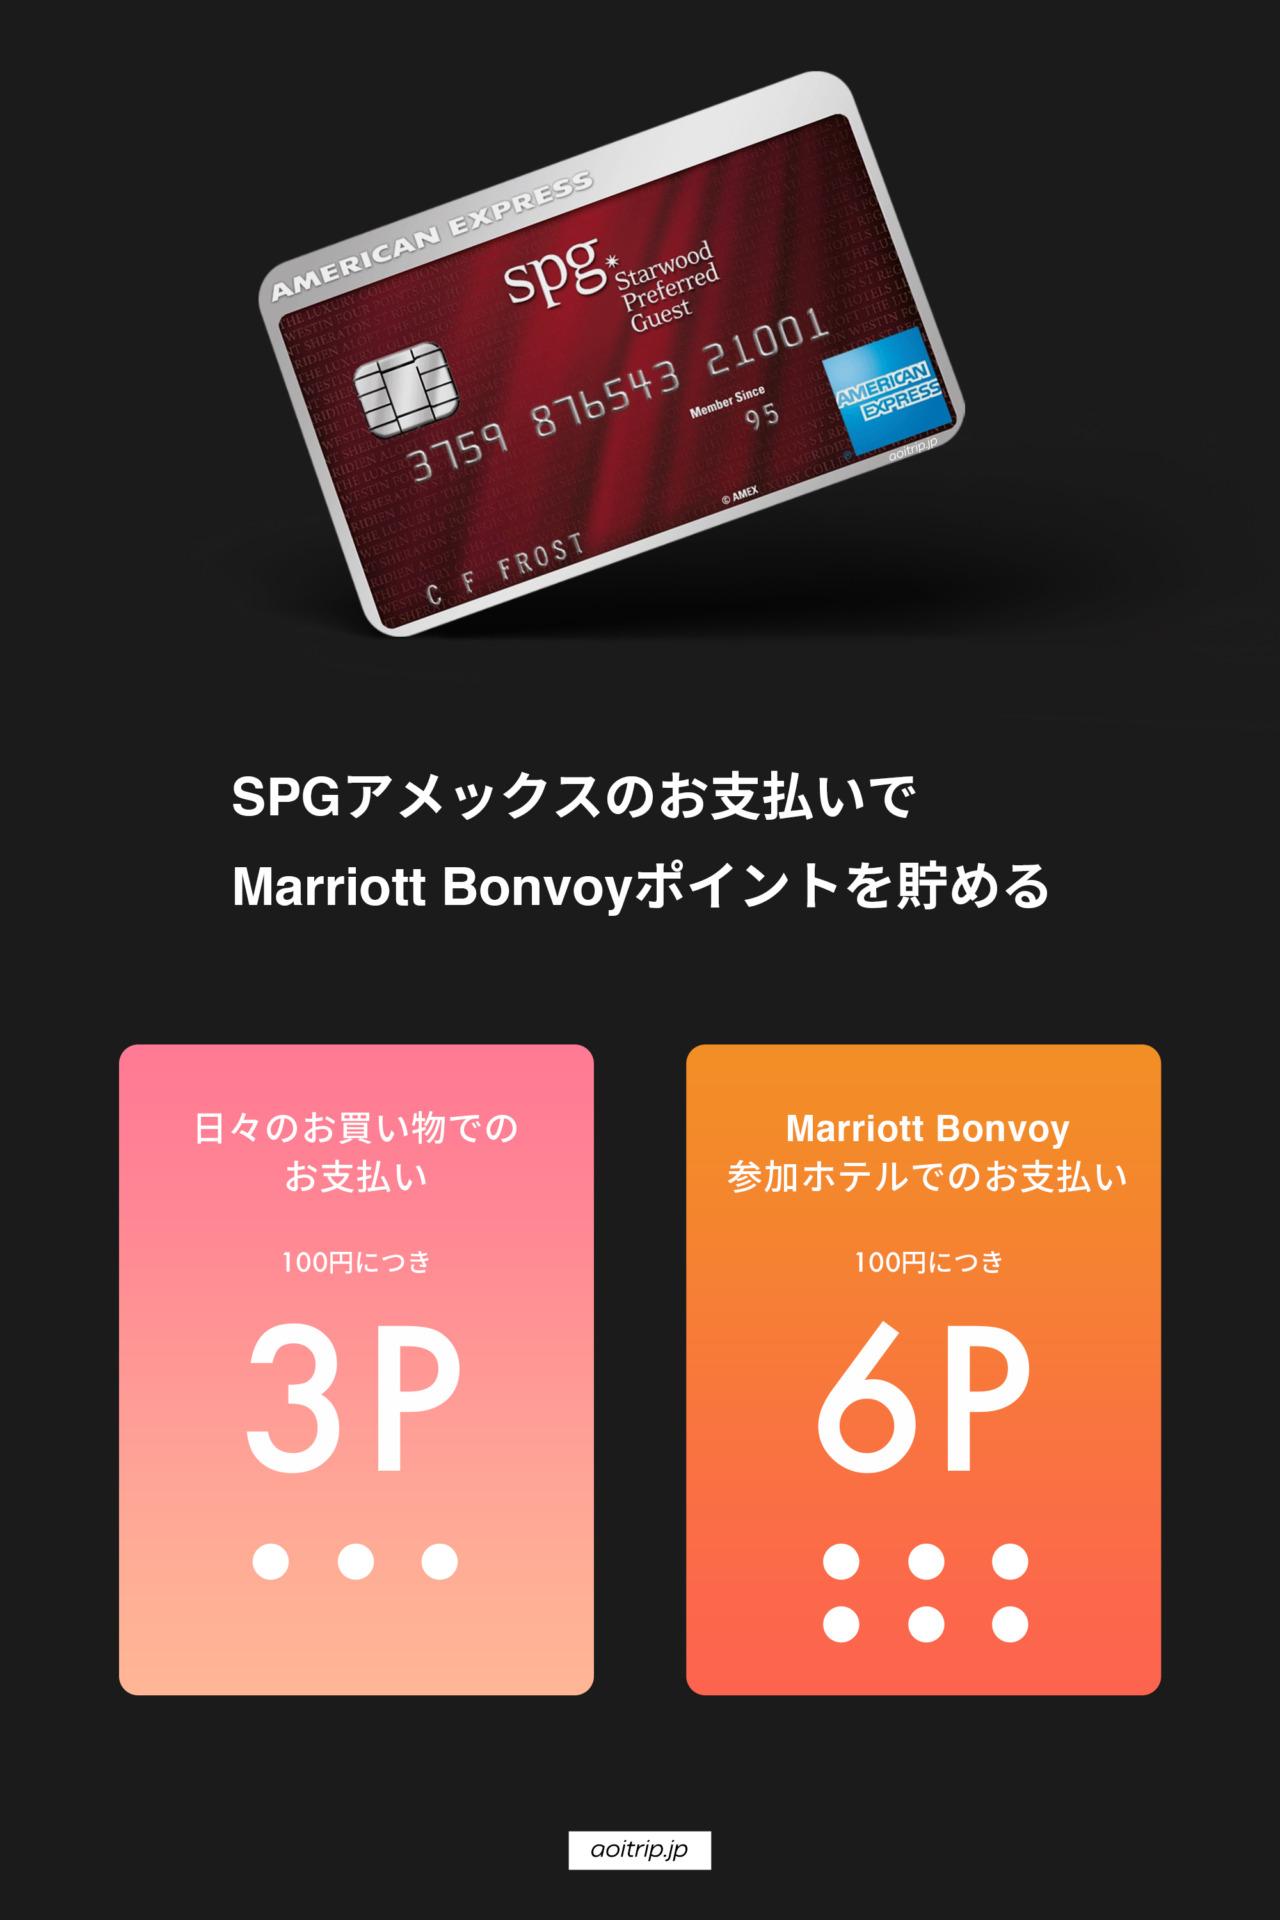 SPGアメックスカードの還元率 通常の決済で100円につき3ポイント Marriott Bonvoyロイヤルティプログラム参加ホテルの決済100円につき6ポイント